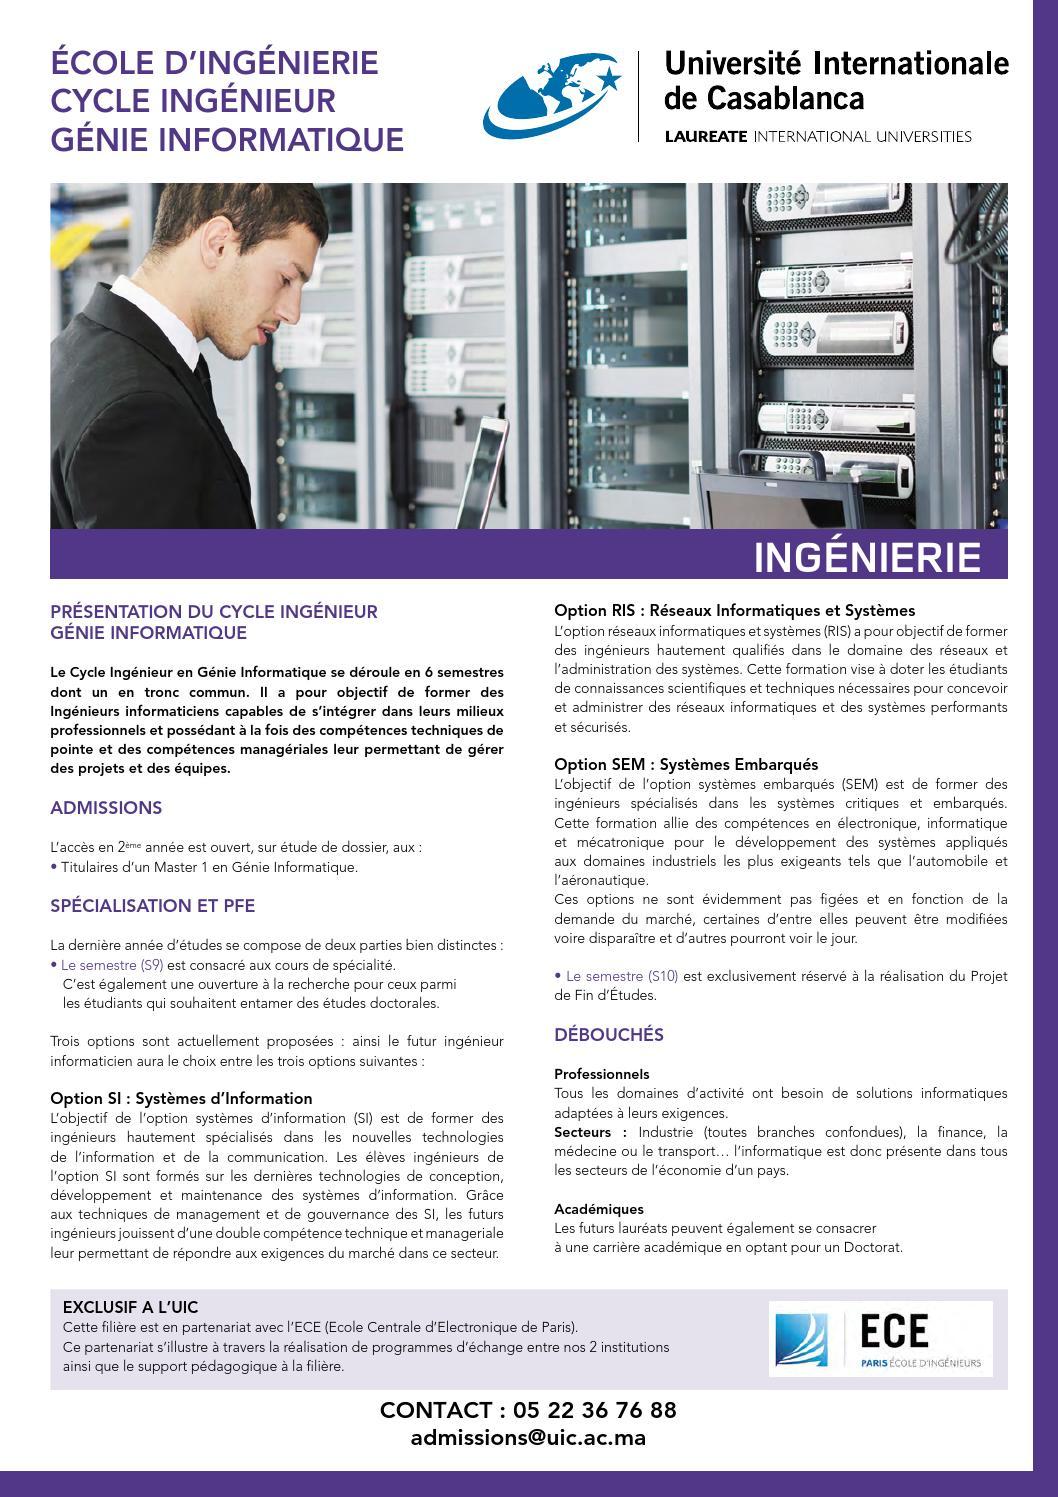 b022e9e1c9b Uic fiche ing génie informatique by Université Internationale de Casablanca  - issuu